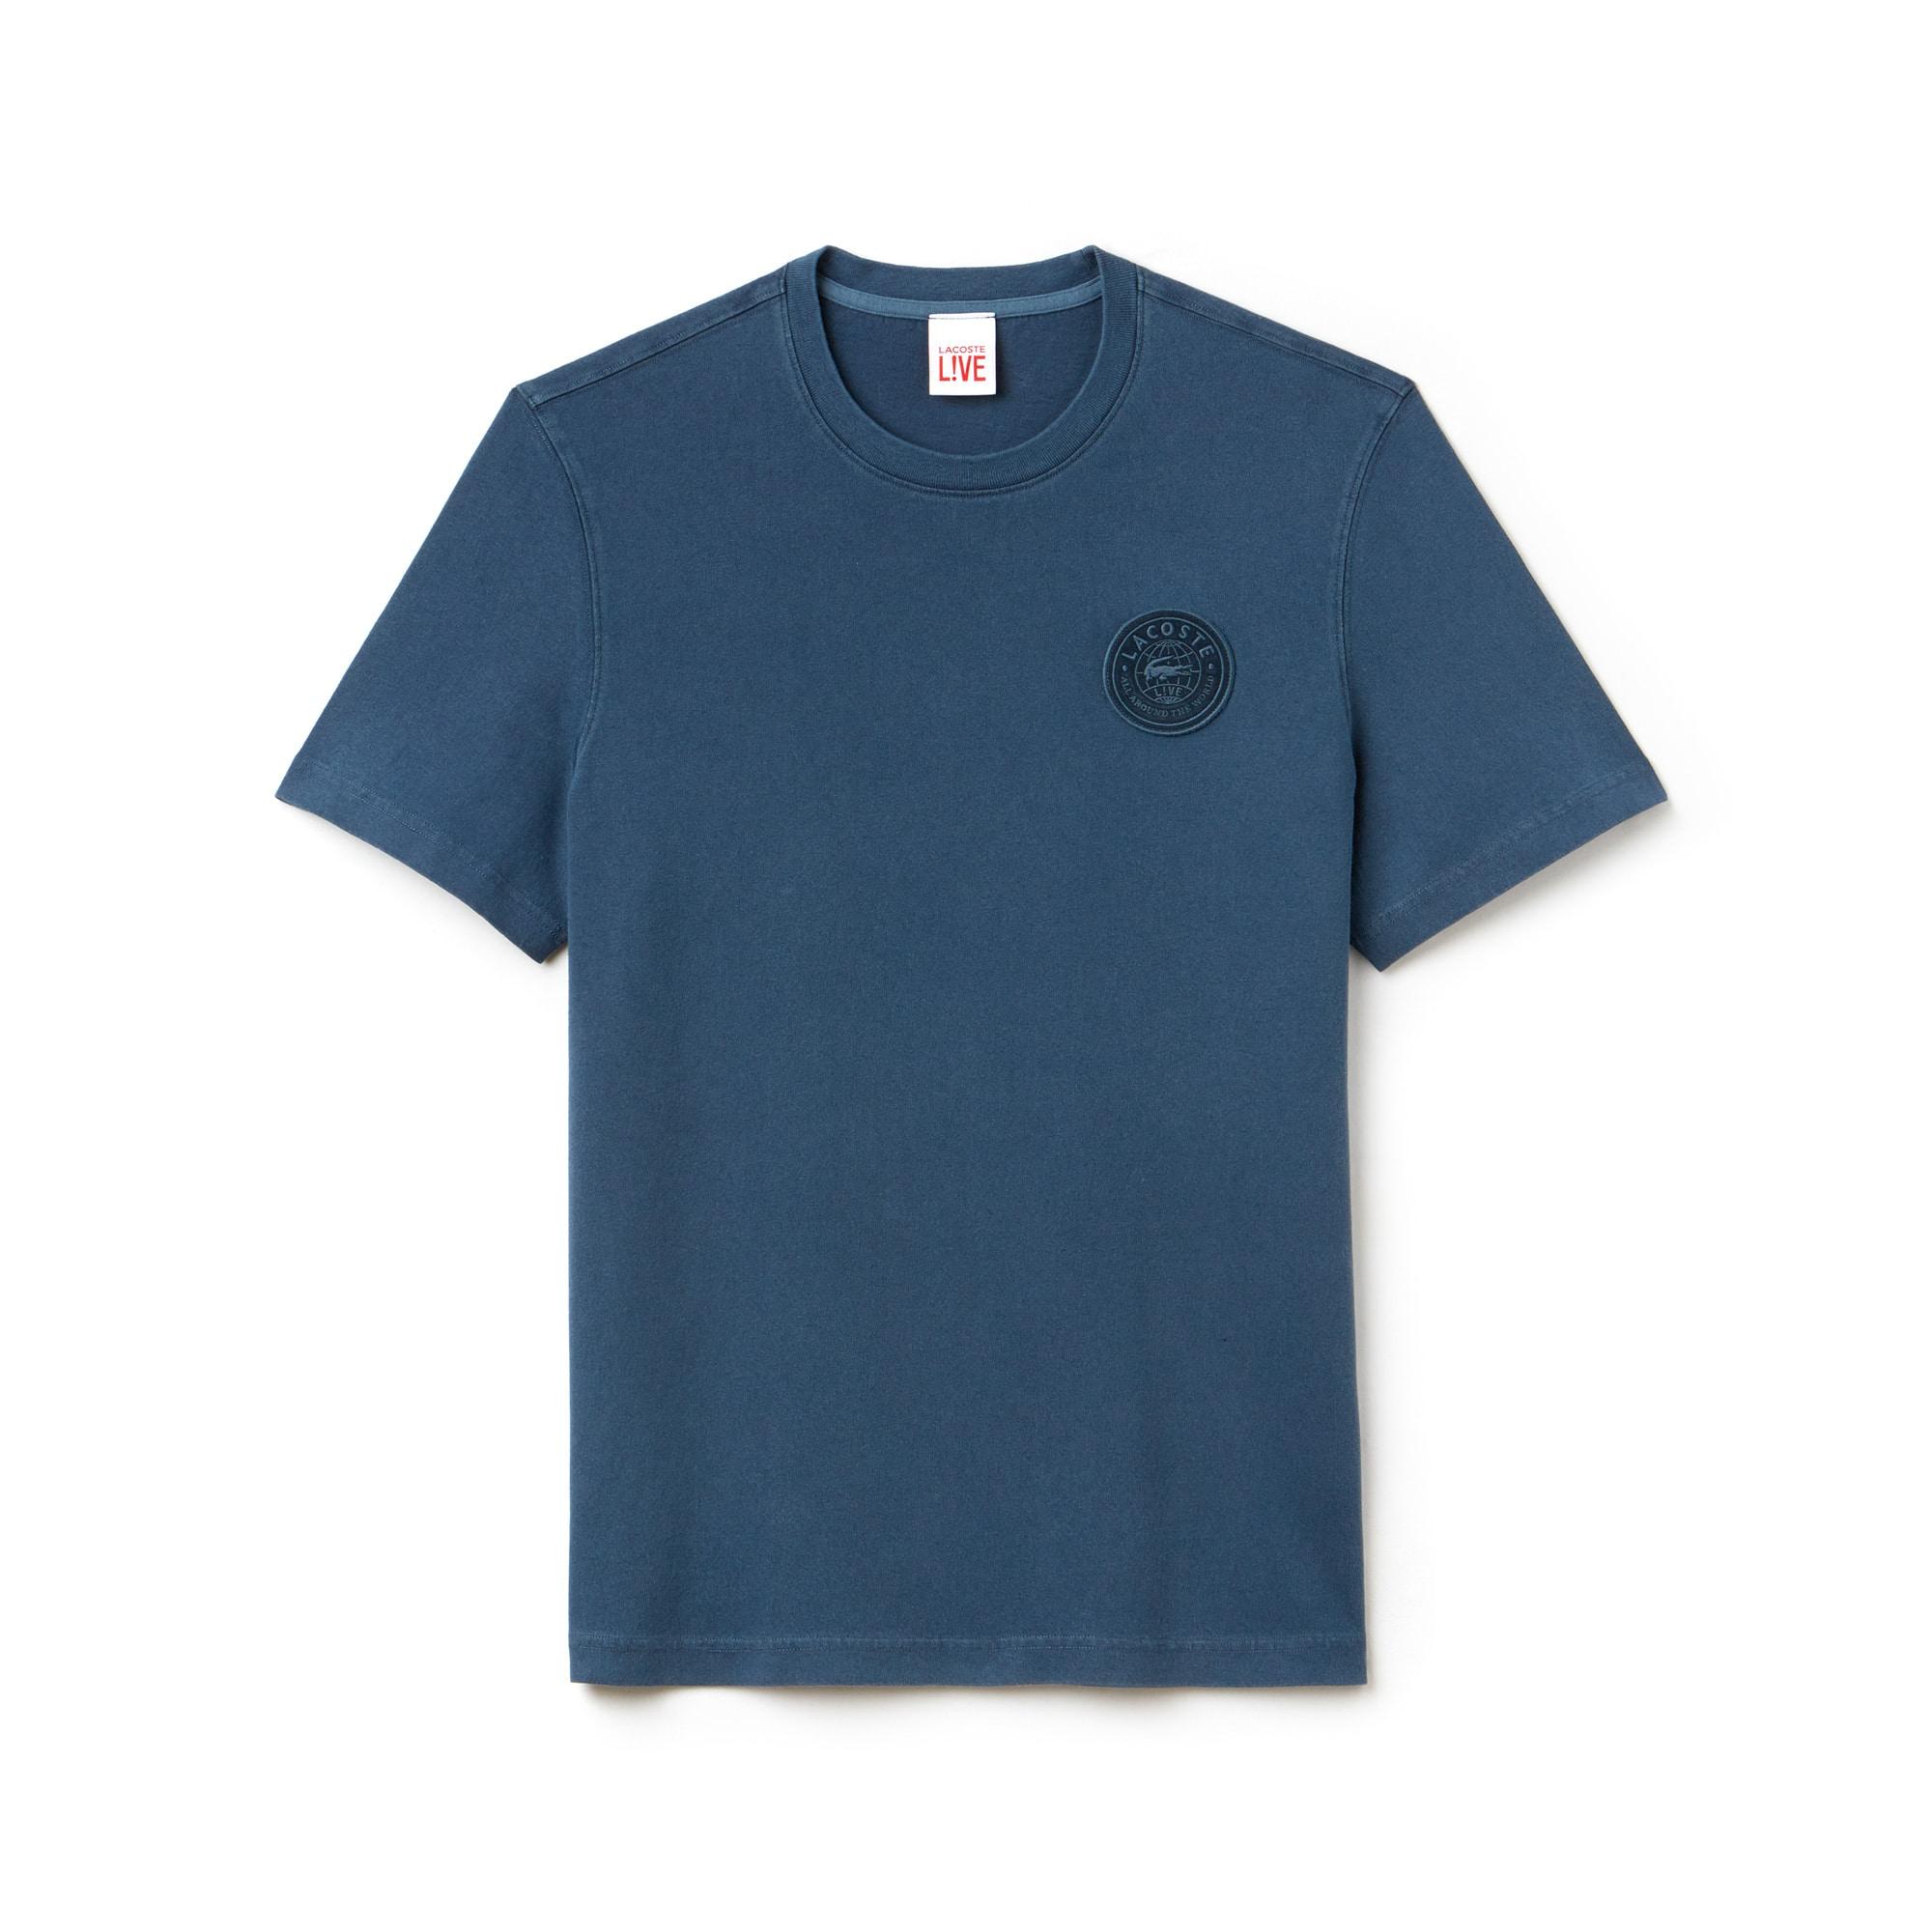 T-shirt col rond Lacoste LIVE en jersey délavé avec badge